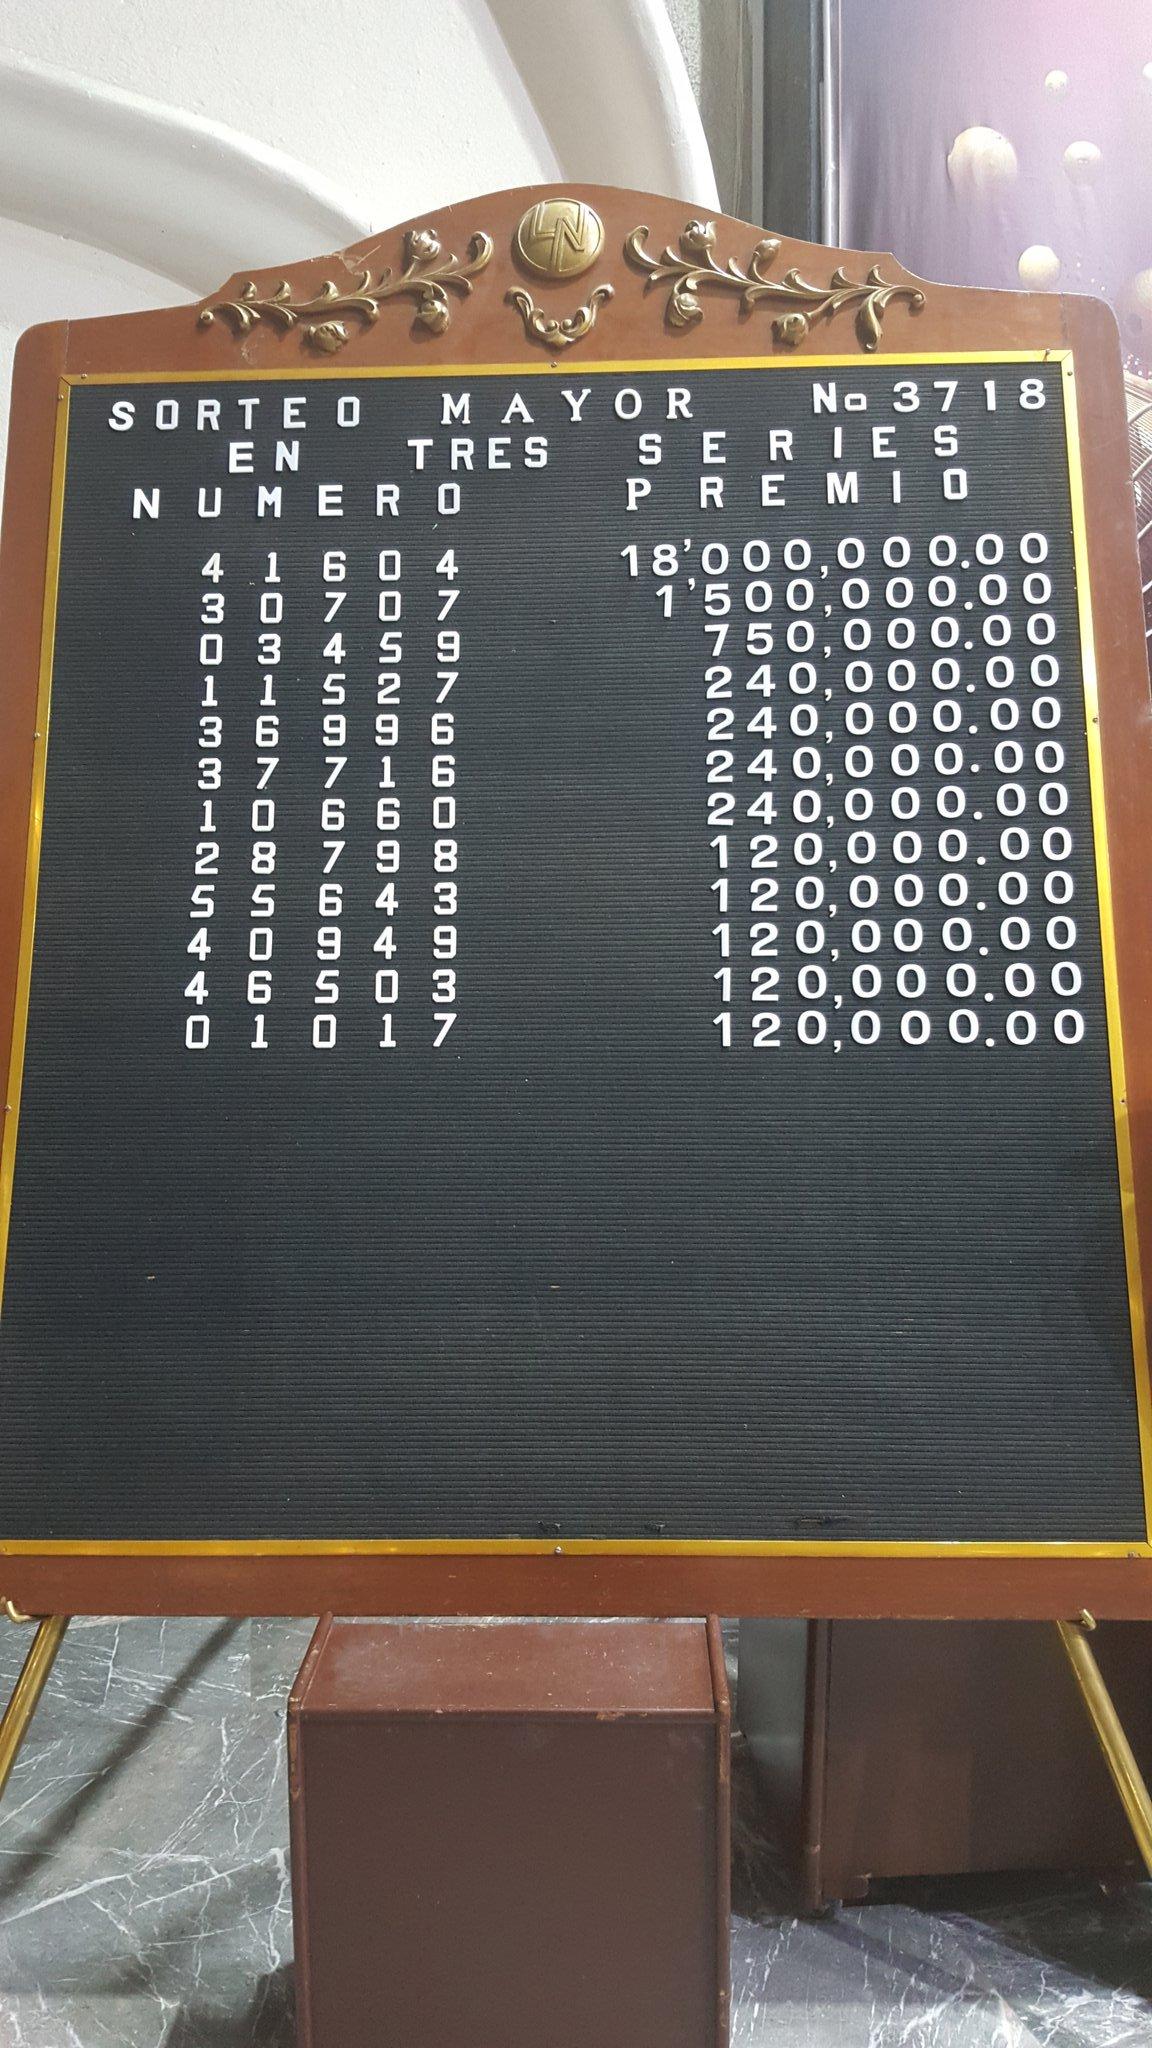 Sorteo Mayor 3718